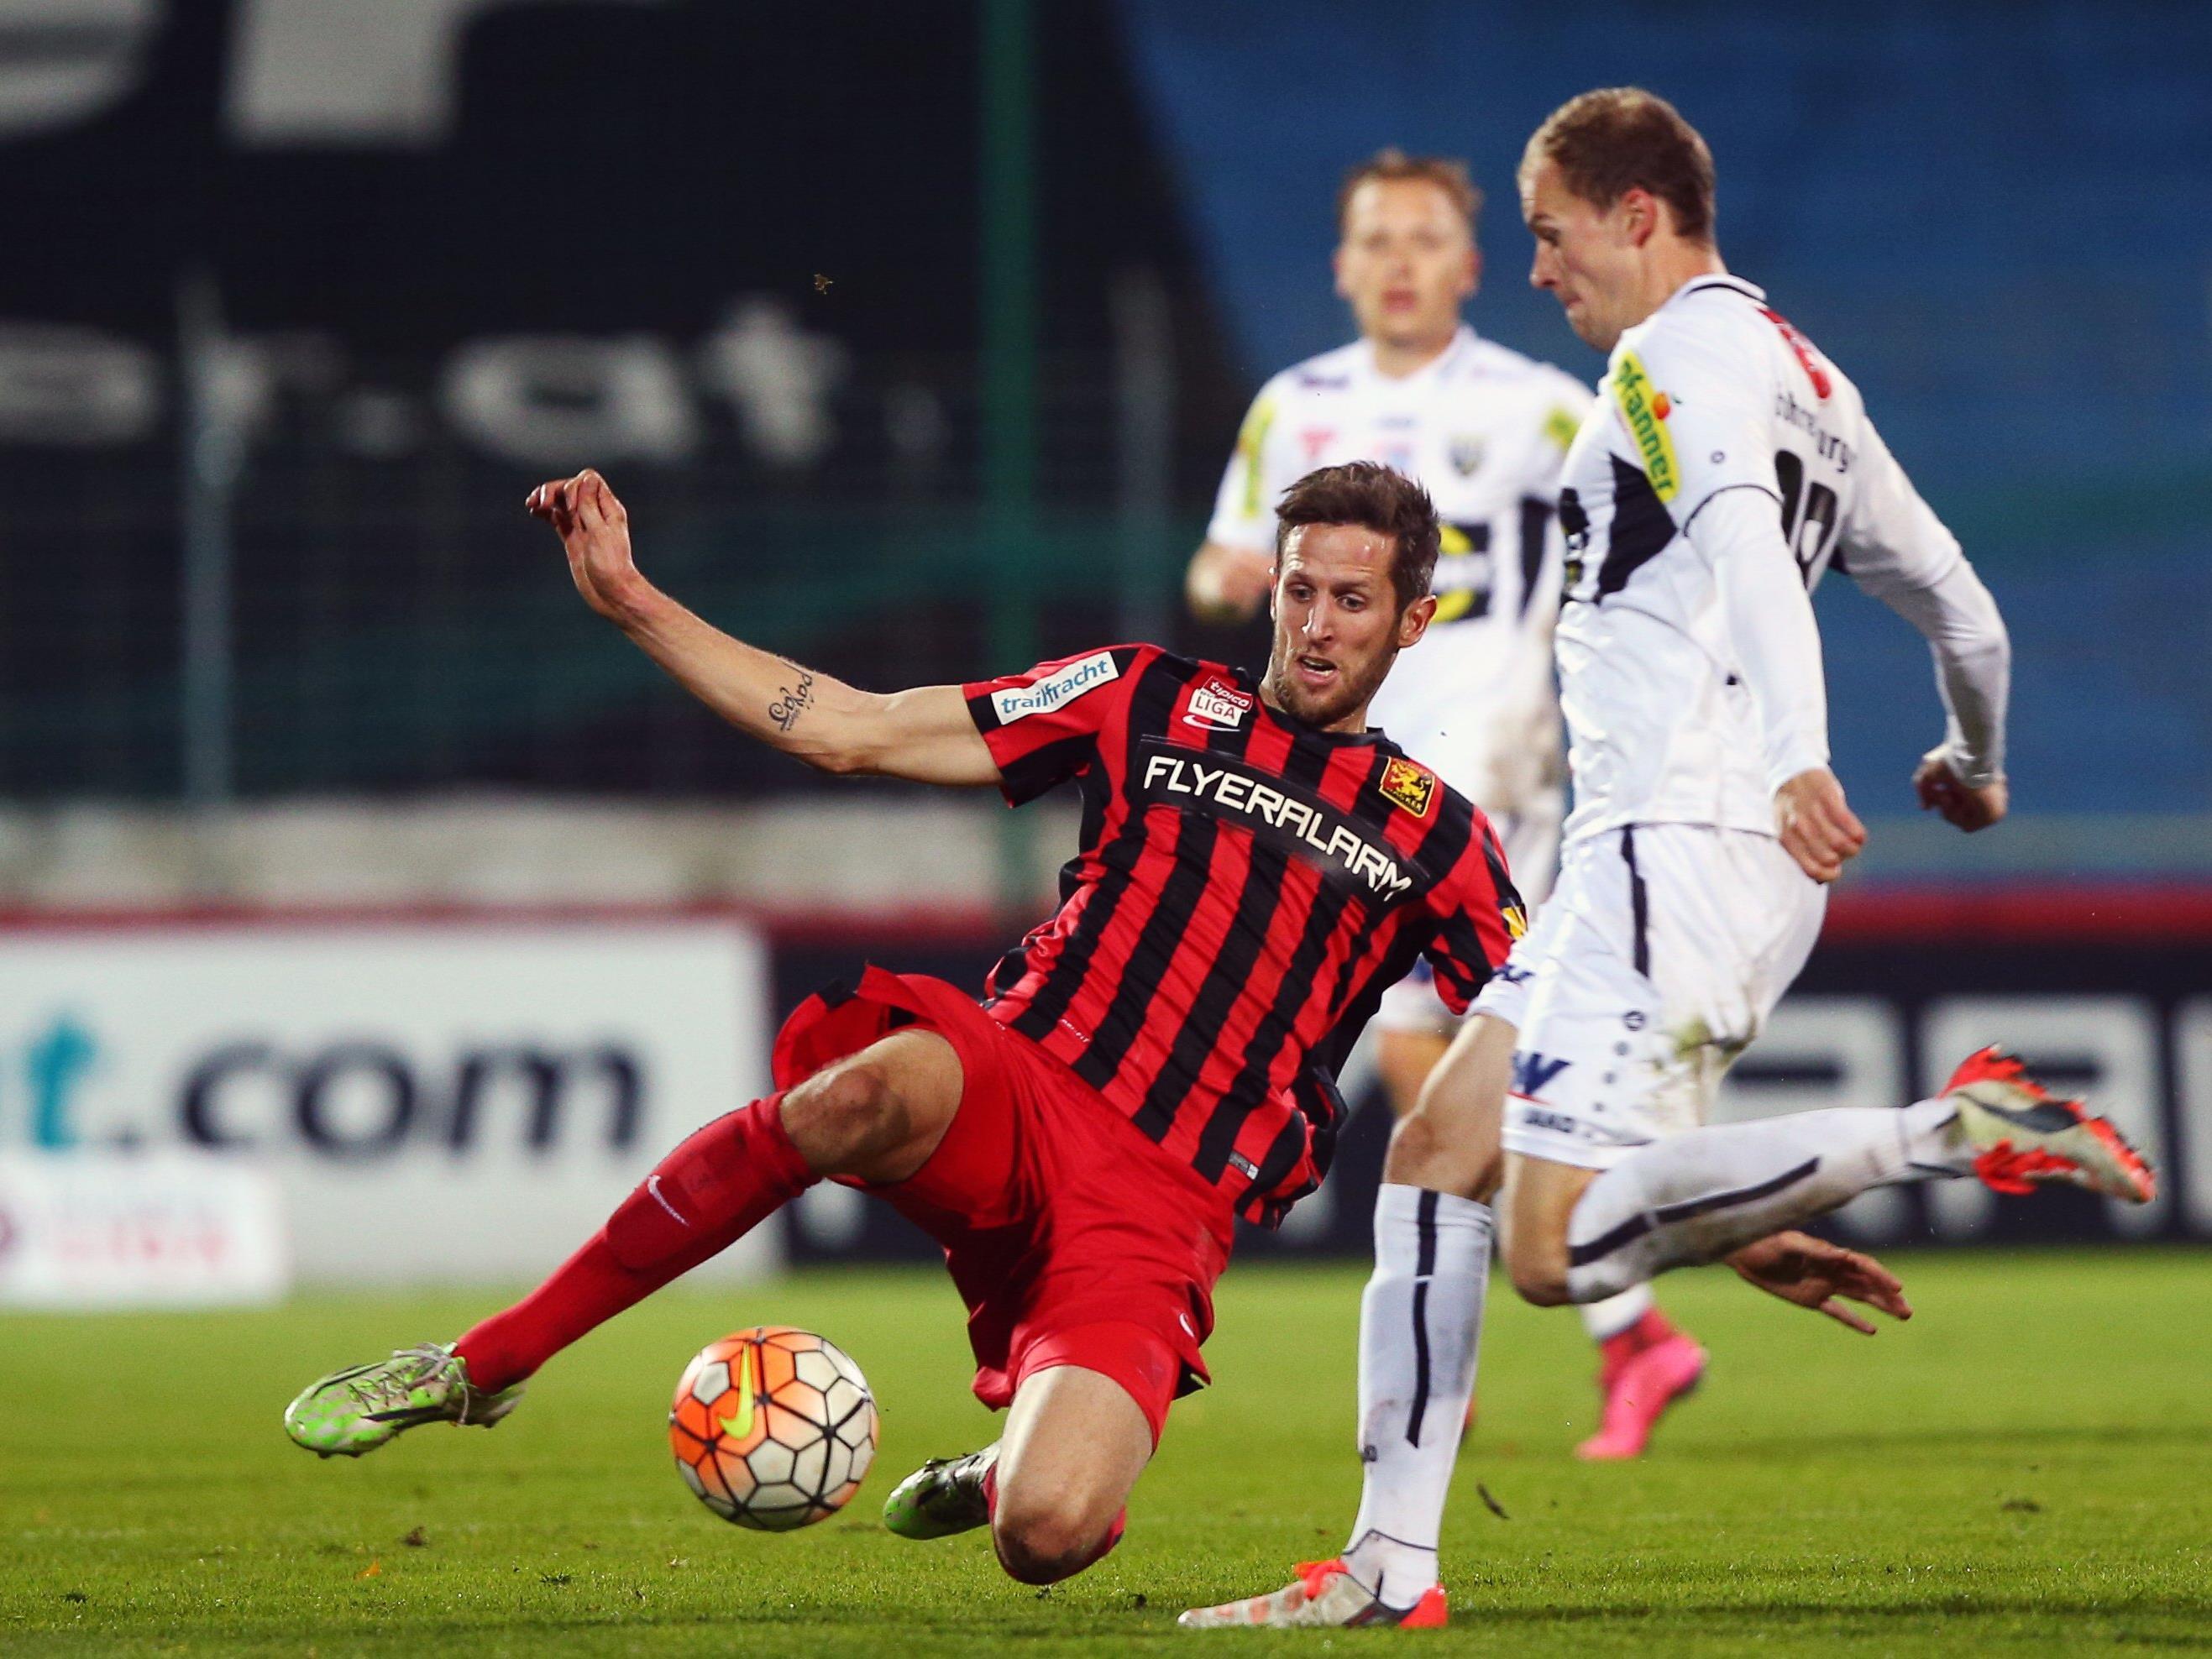 LIVE-Ticker zum Spiel SCR Altach gegen FC Admira Wacker Mödling ab 18.30 Uhr.